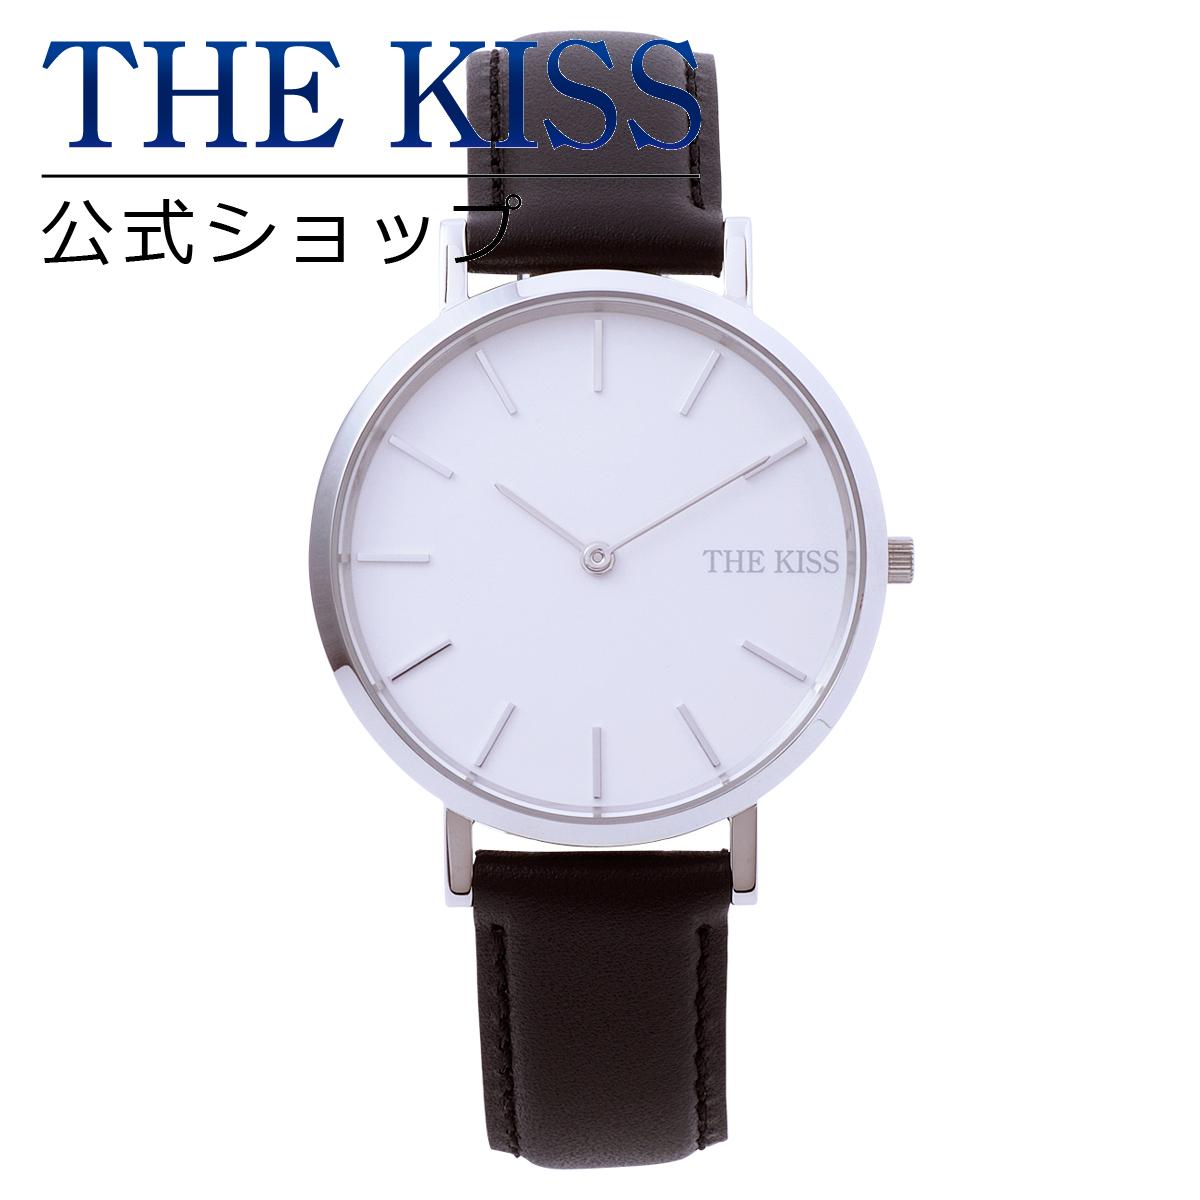 【あす楽対応】【送料無料】【THE KISS】【ペアウォッチ】ユニセックスウォッチ ラウンドタイプ(ユニセック単品) ステンレス ペア ウォッチ 腕時計 ブランド ☆ stainless Pair Watch couple